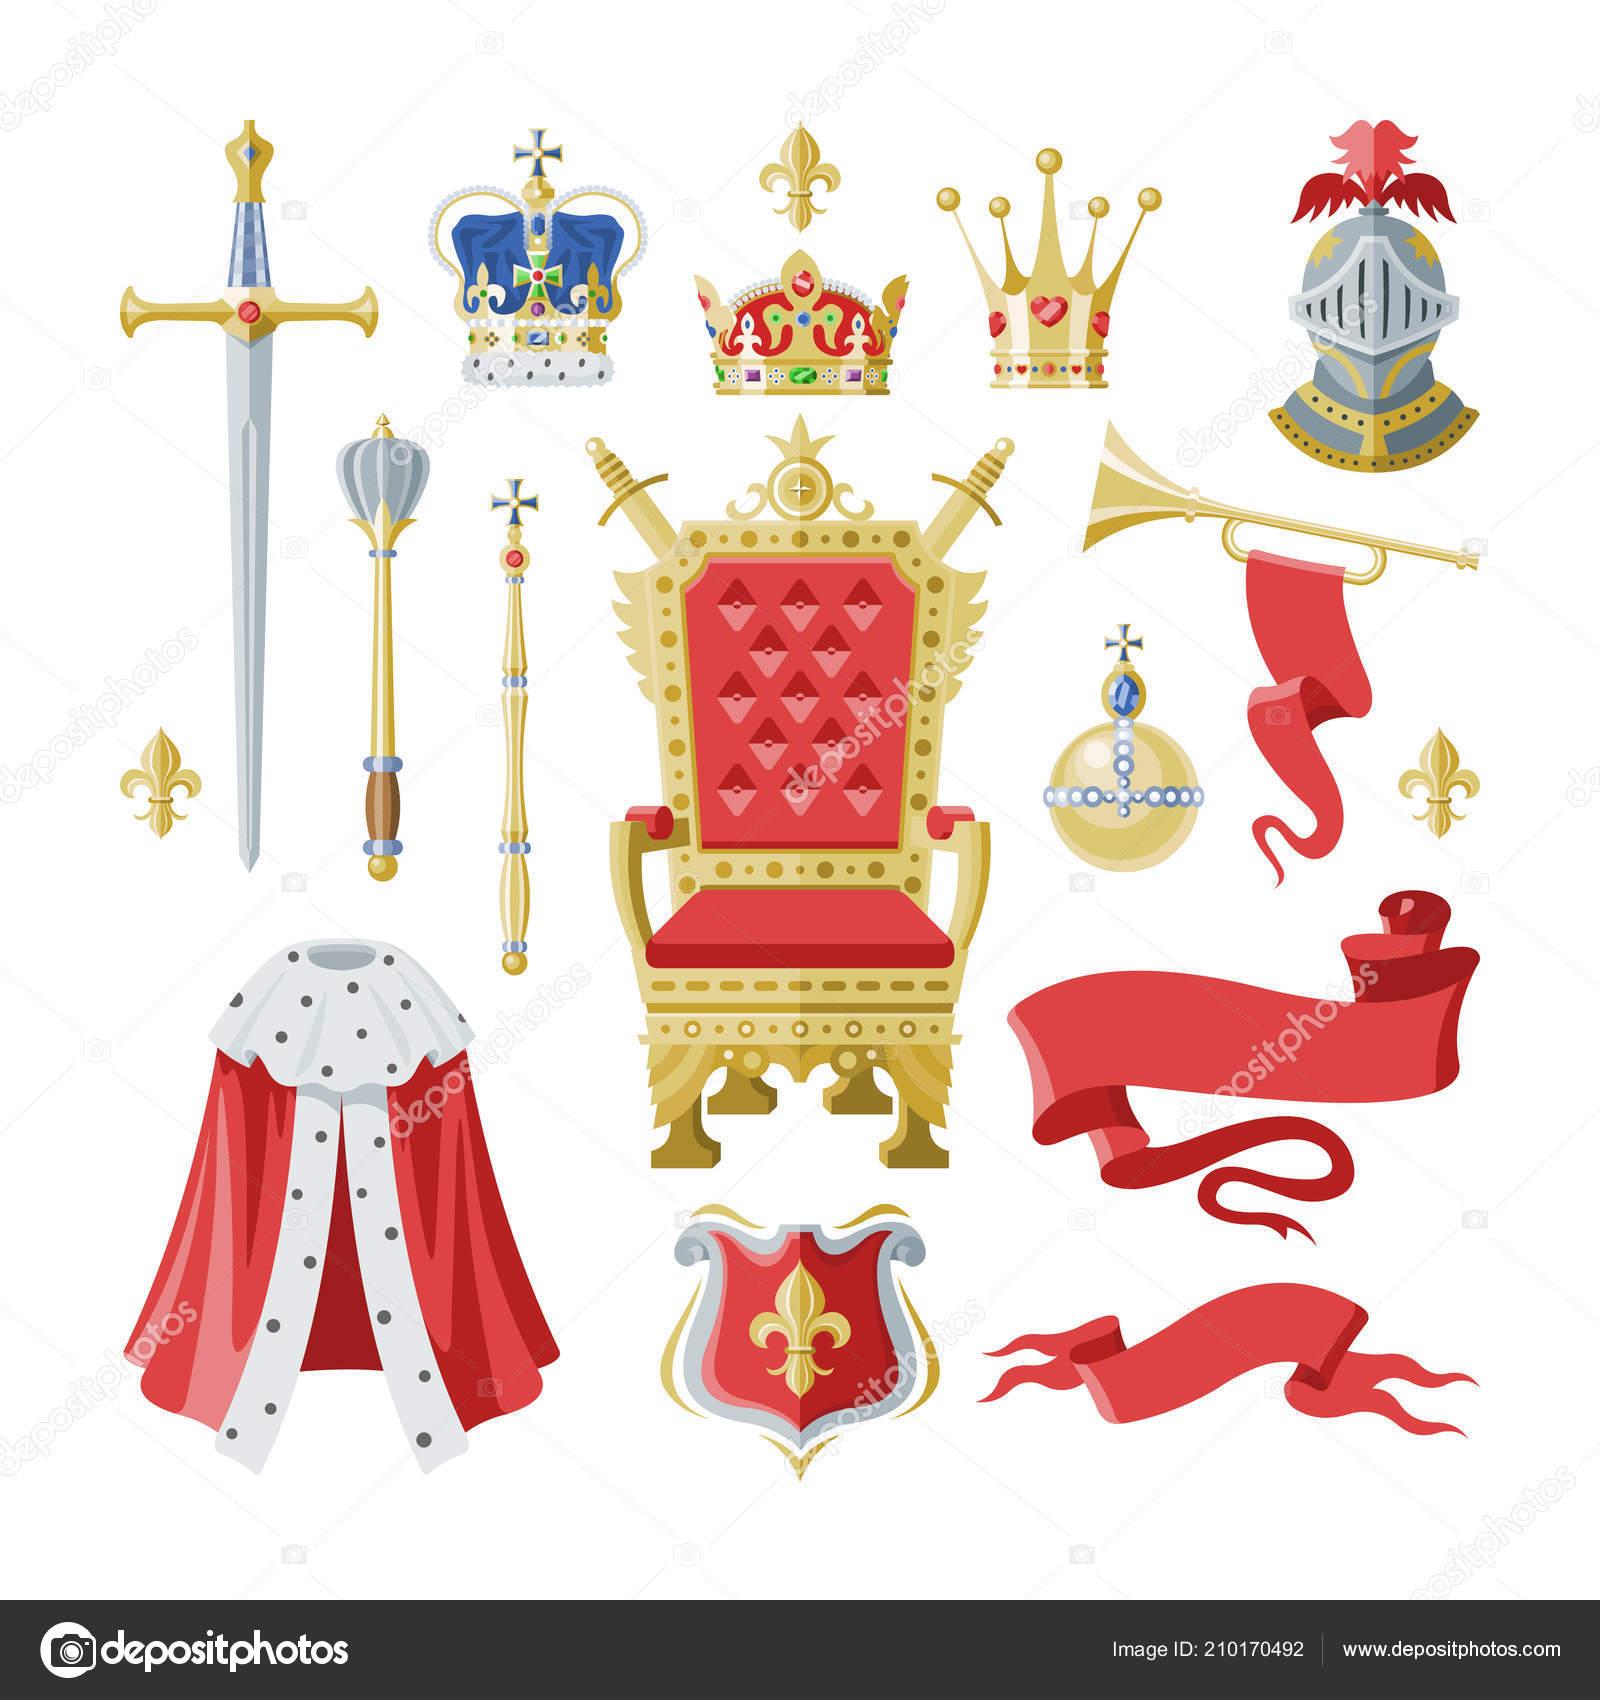 Королевский золотой короны набор, символы власти короля и королевы.